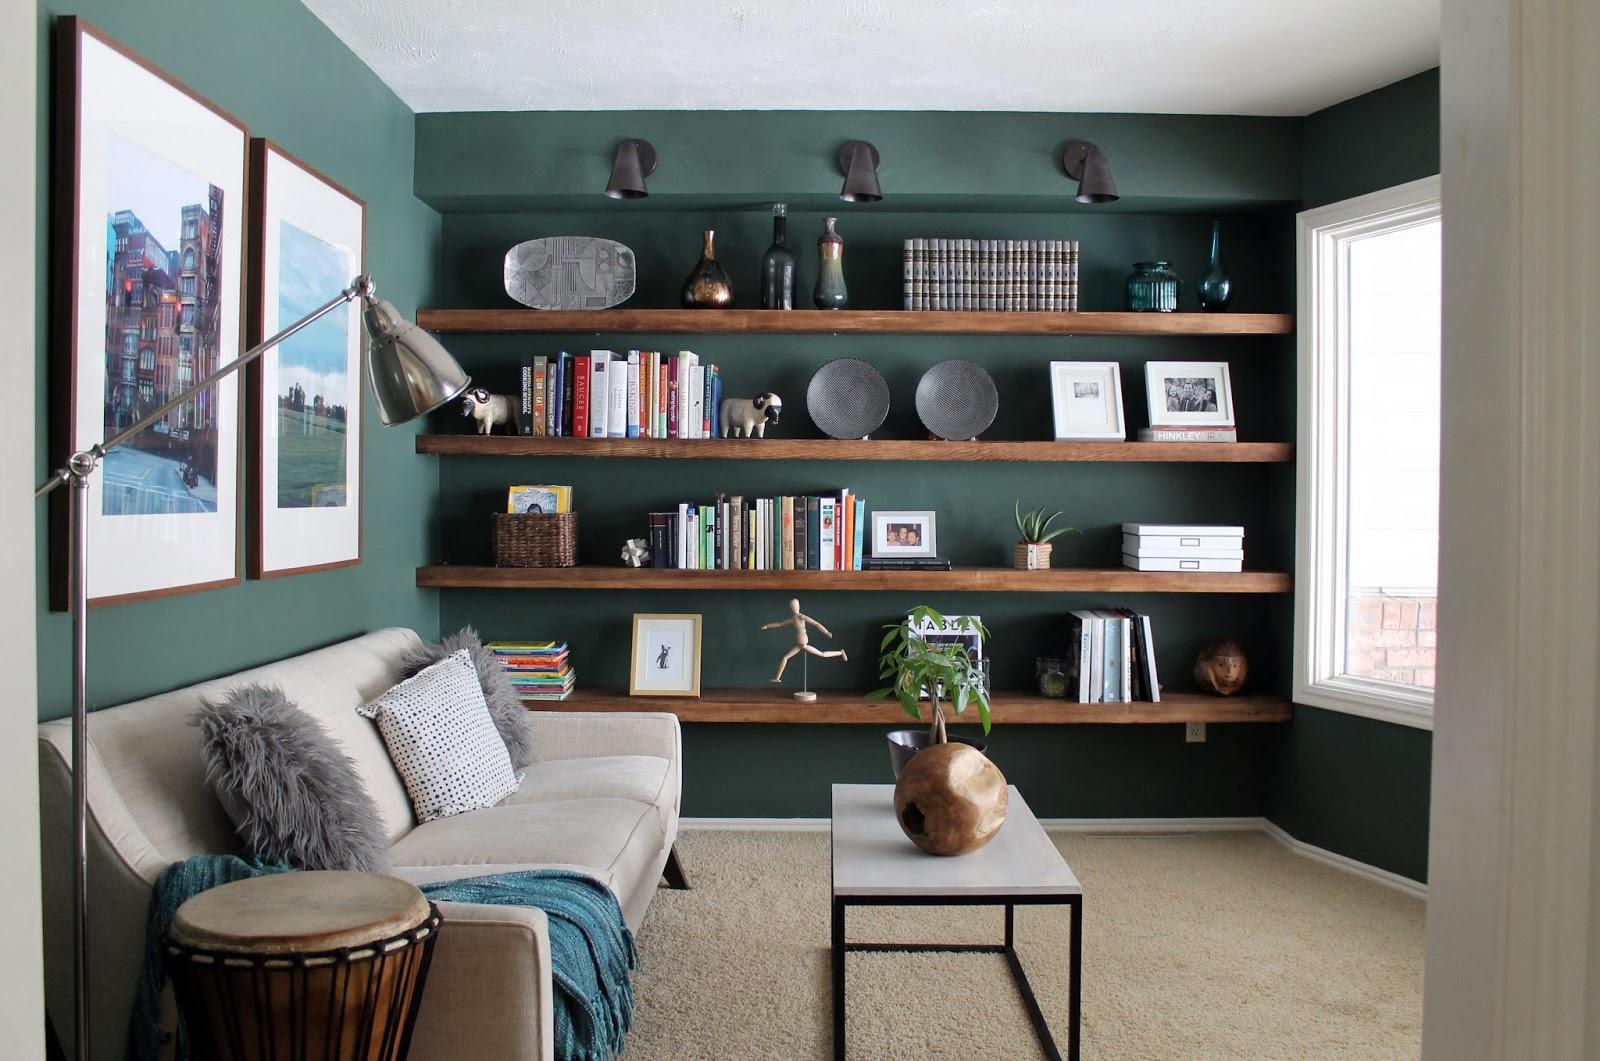 Living Room Wall Shelves: The Reading Room Shelves: Fully Loaded